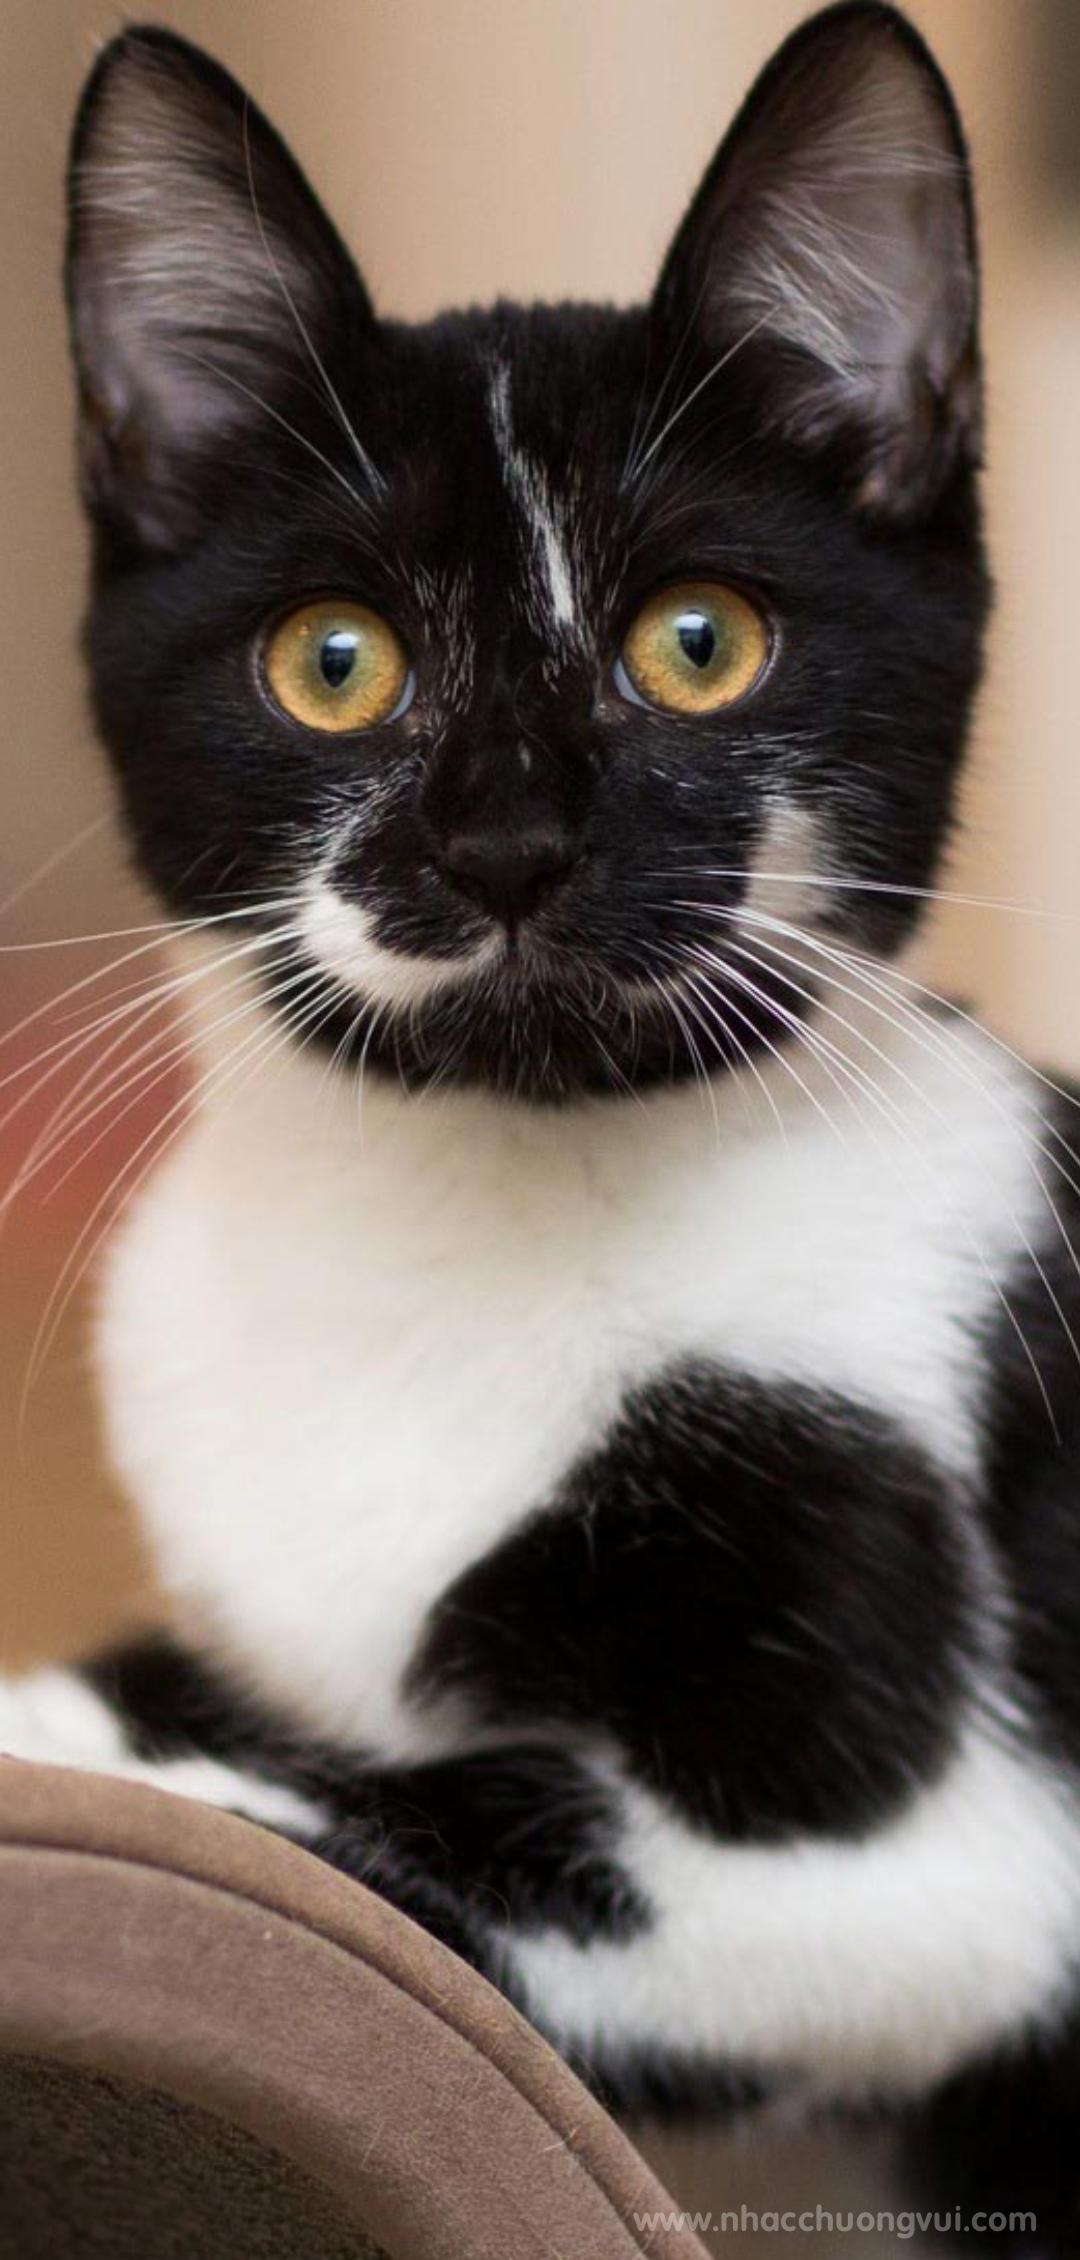 Hình nền mèo cho điện thoại dễ thương nhất 29